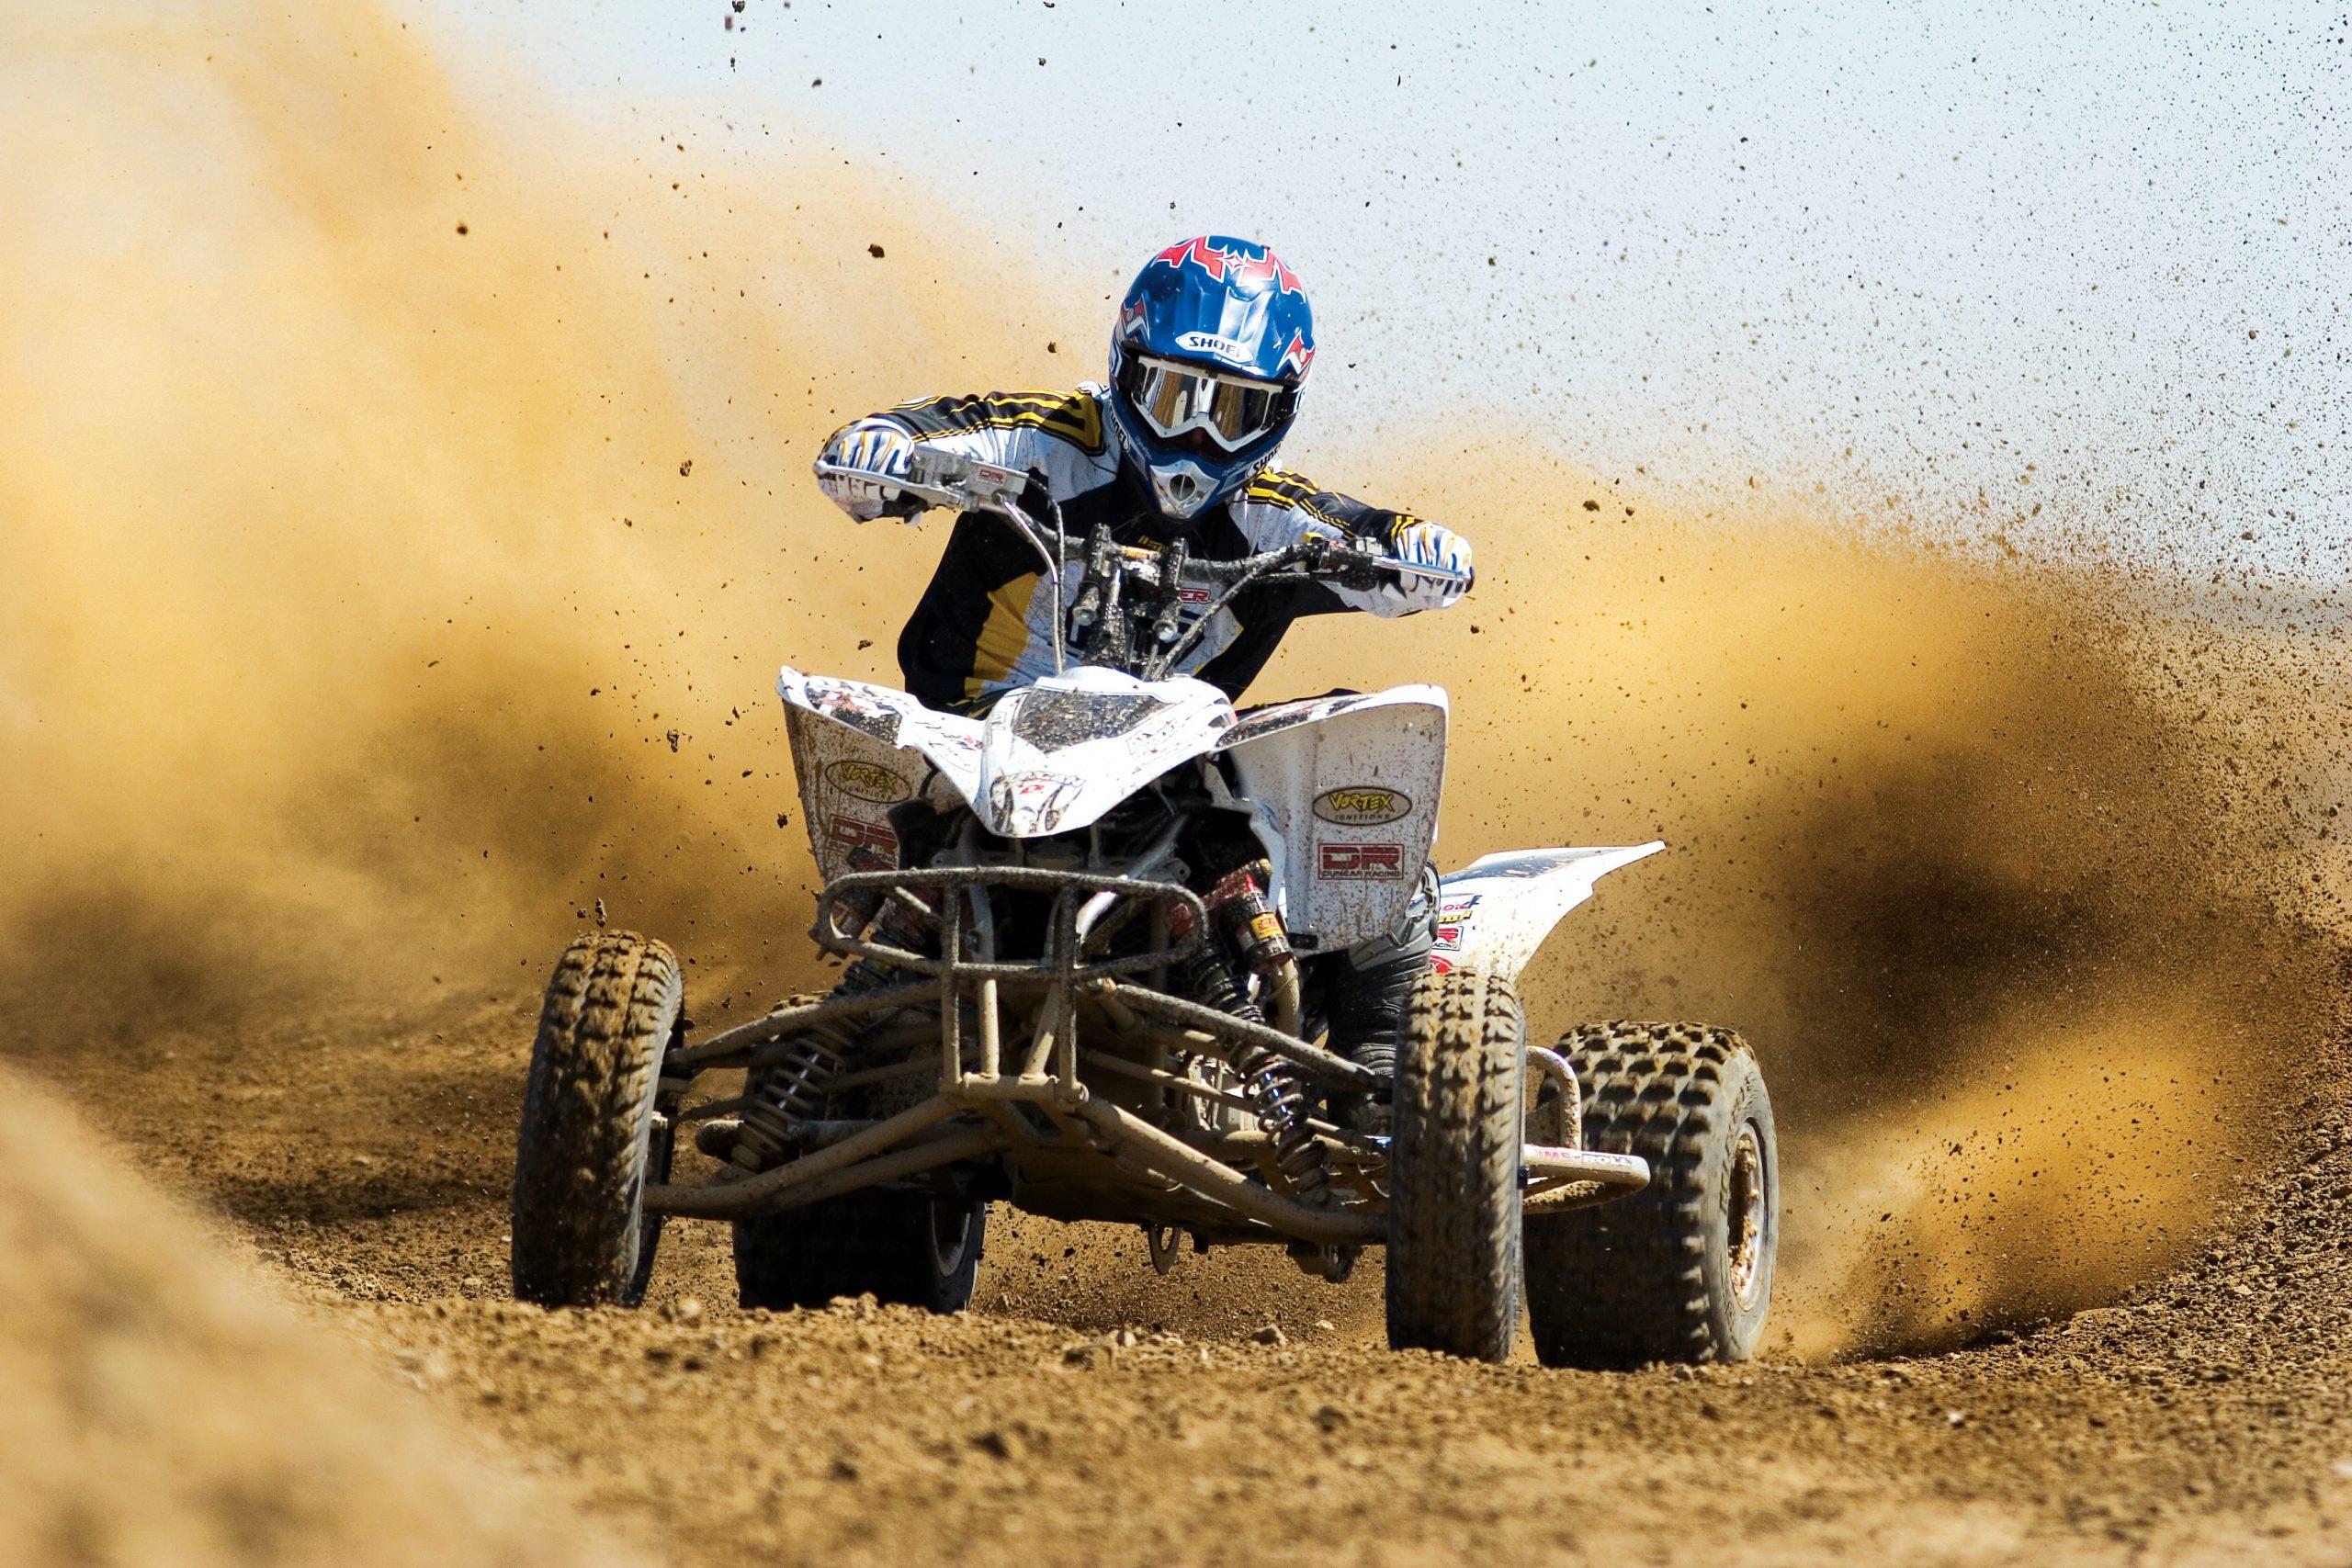 quad bike on dirt